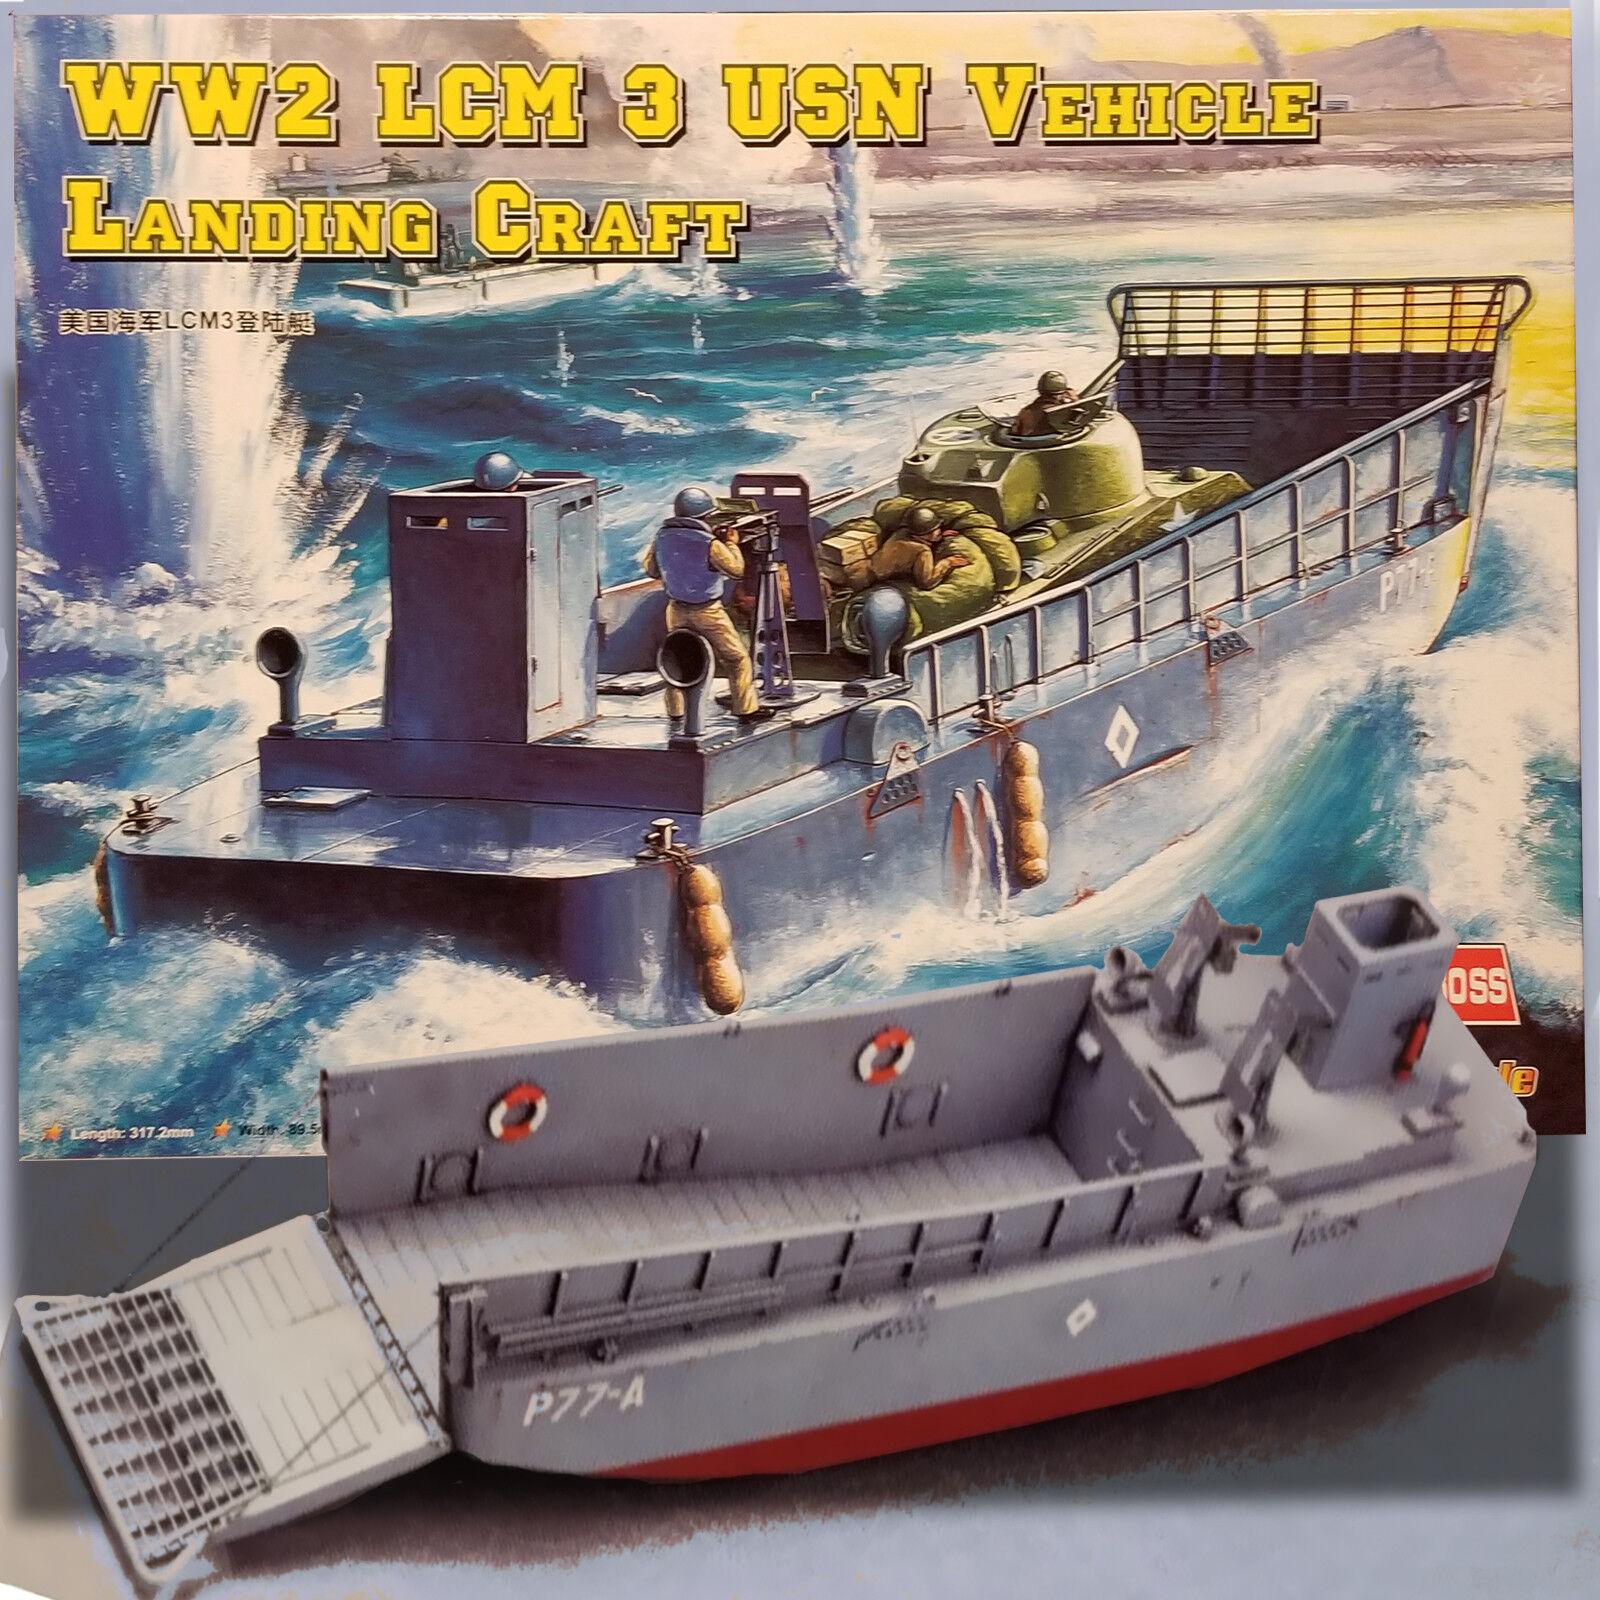 HOBBY BOSS 1 48 WW2 LCM 3 USN LANDING CRAFT KIT 84817